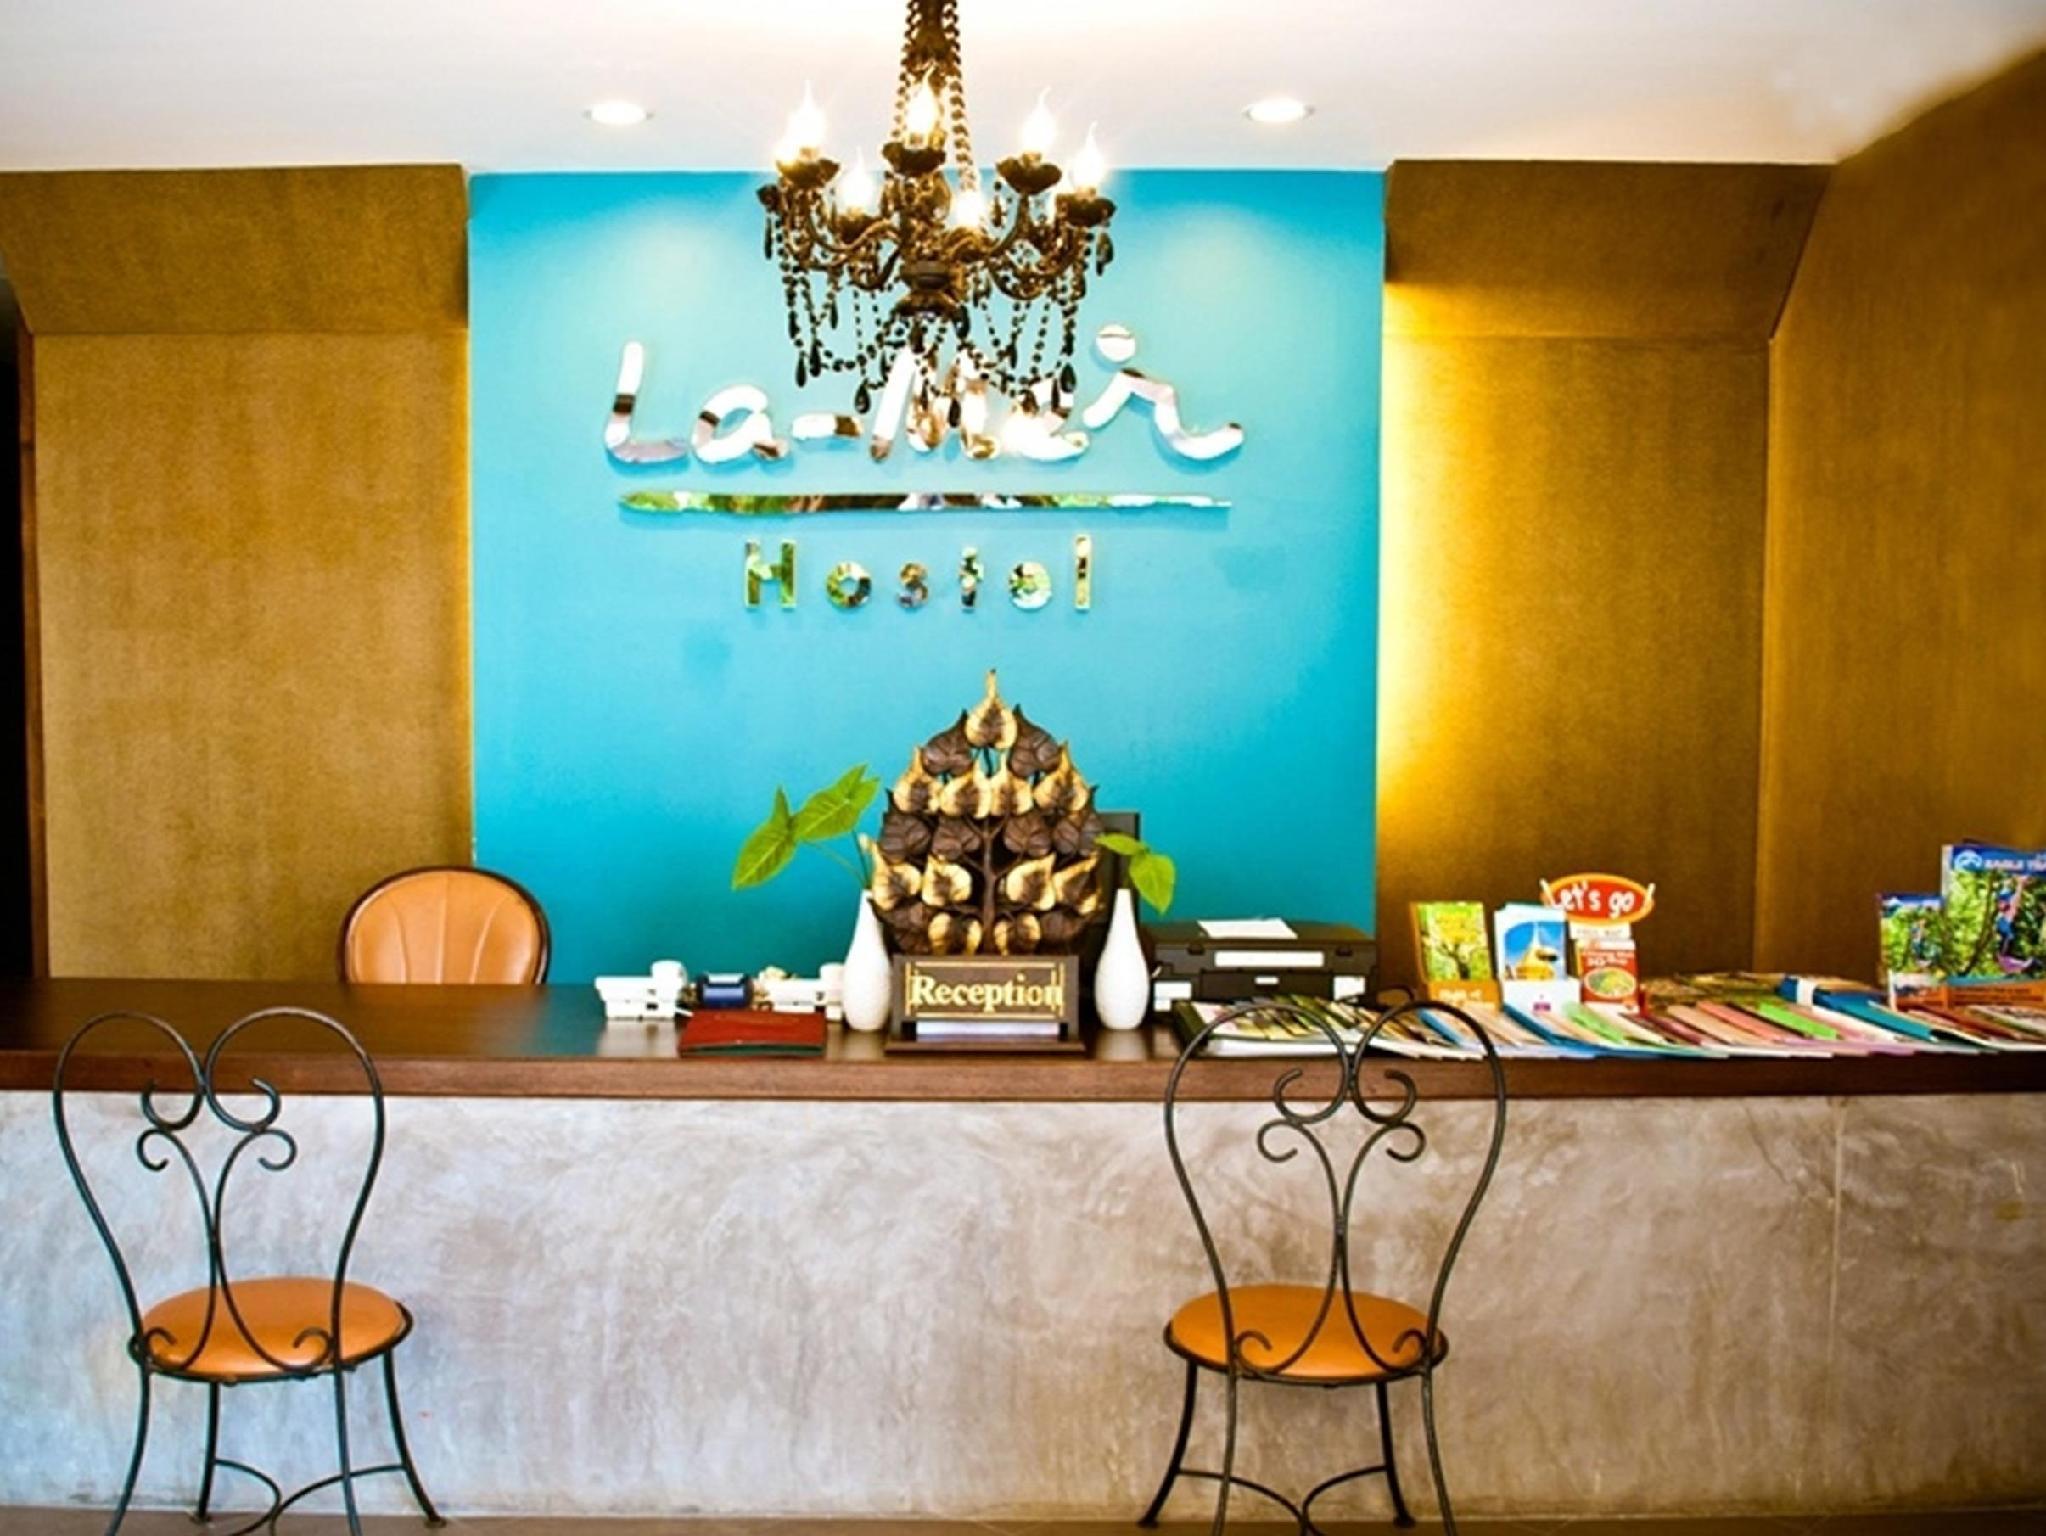 ราคาที่ดีที่สุด โรงแรมละเมอ (Lamer Hotel) รีวิว Pantip